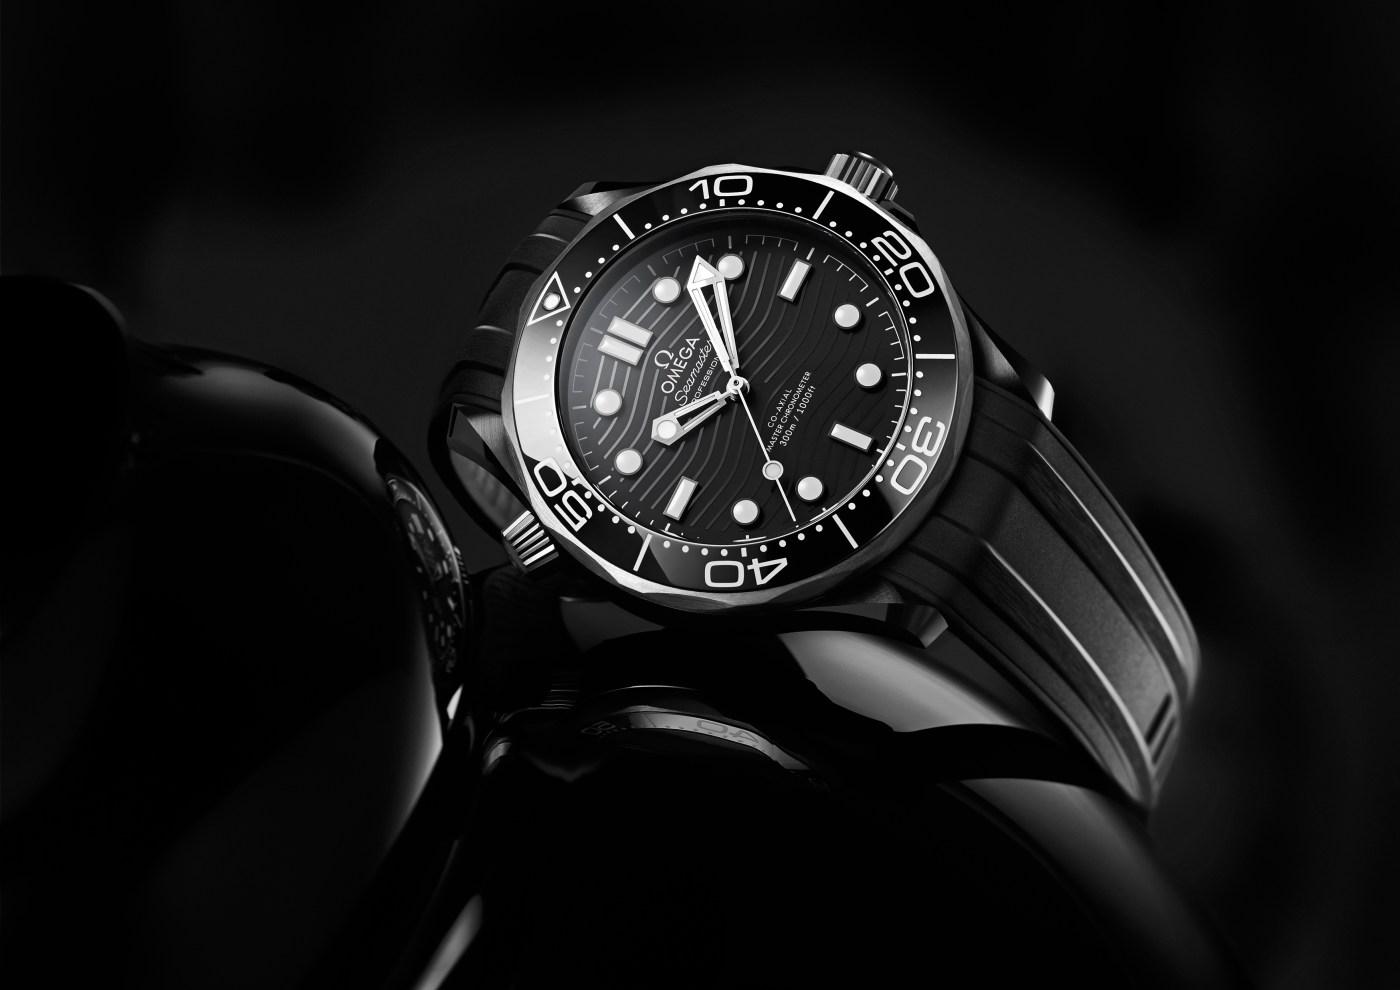 Omega Seamaster Diver 300M Black Ceramic side